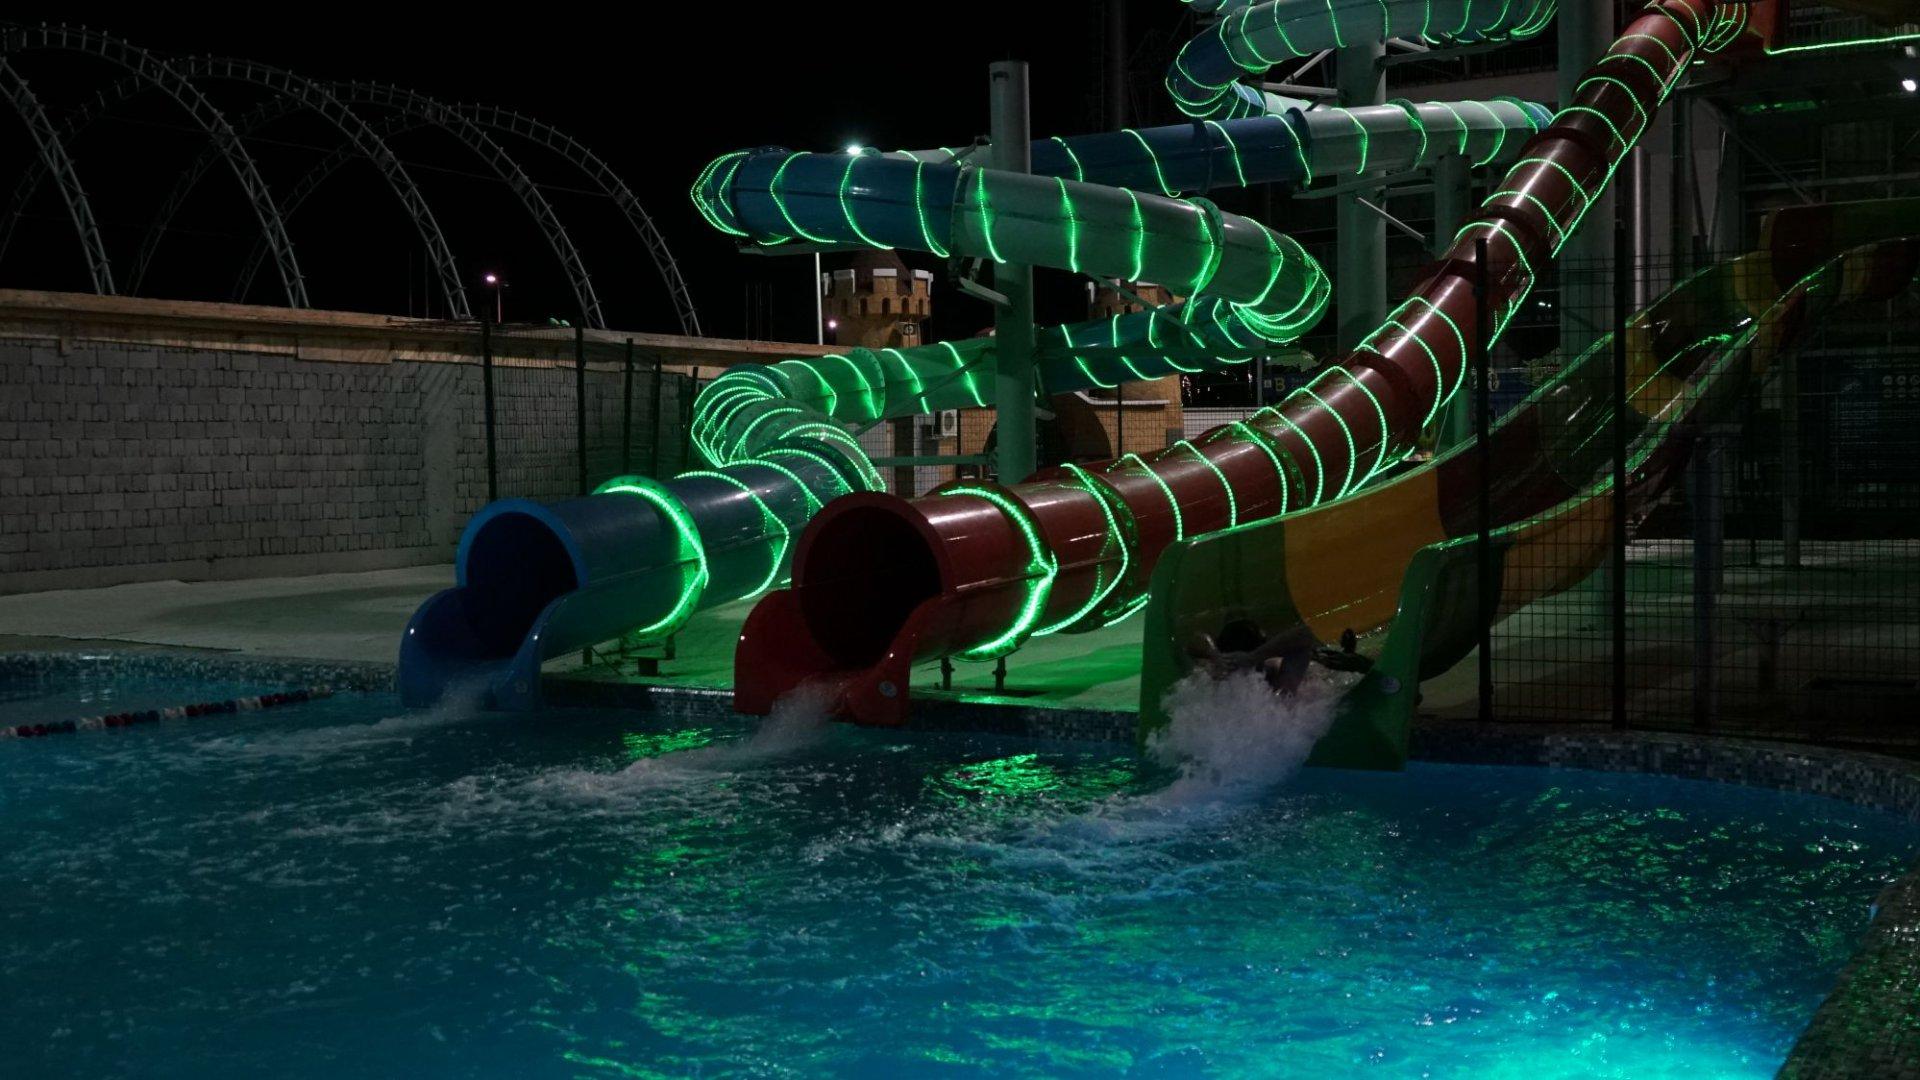 аквапарк альметьевск фото под